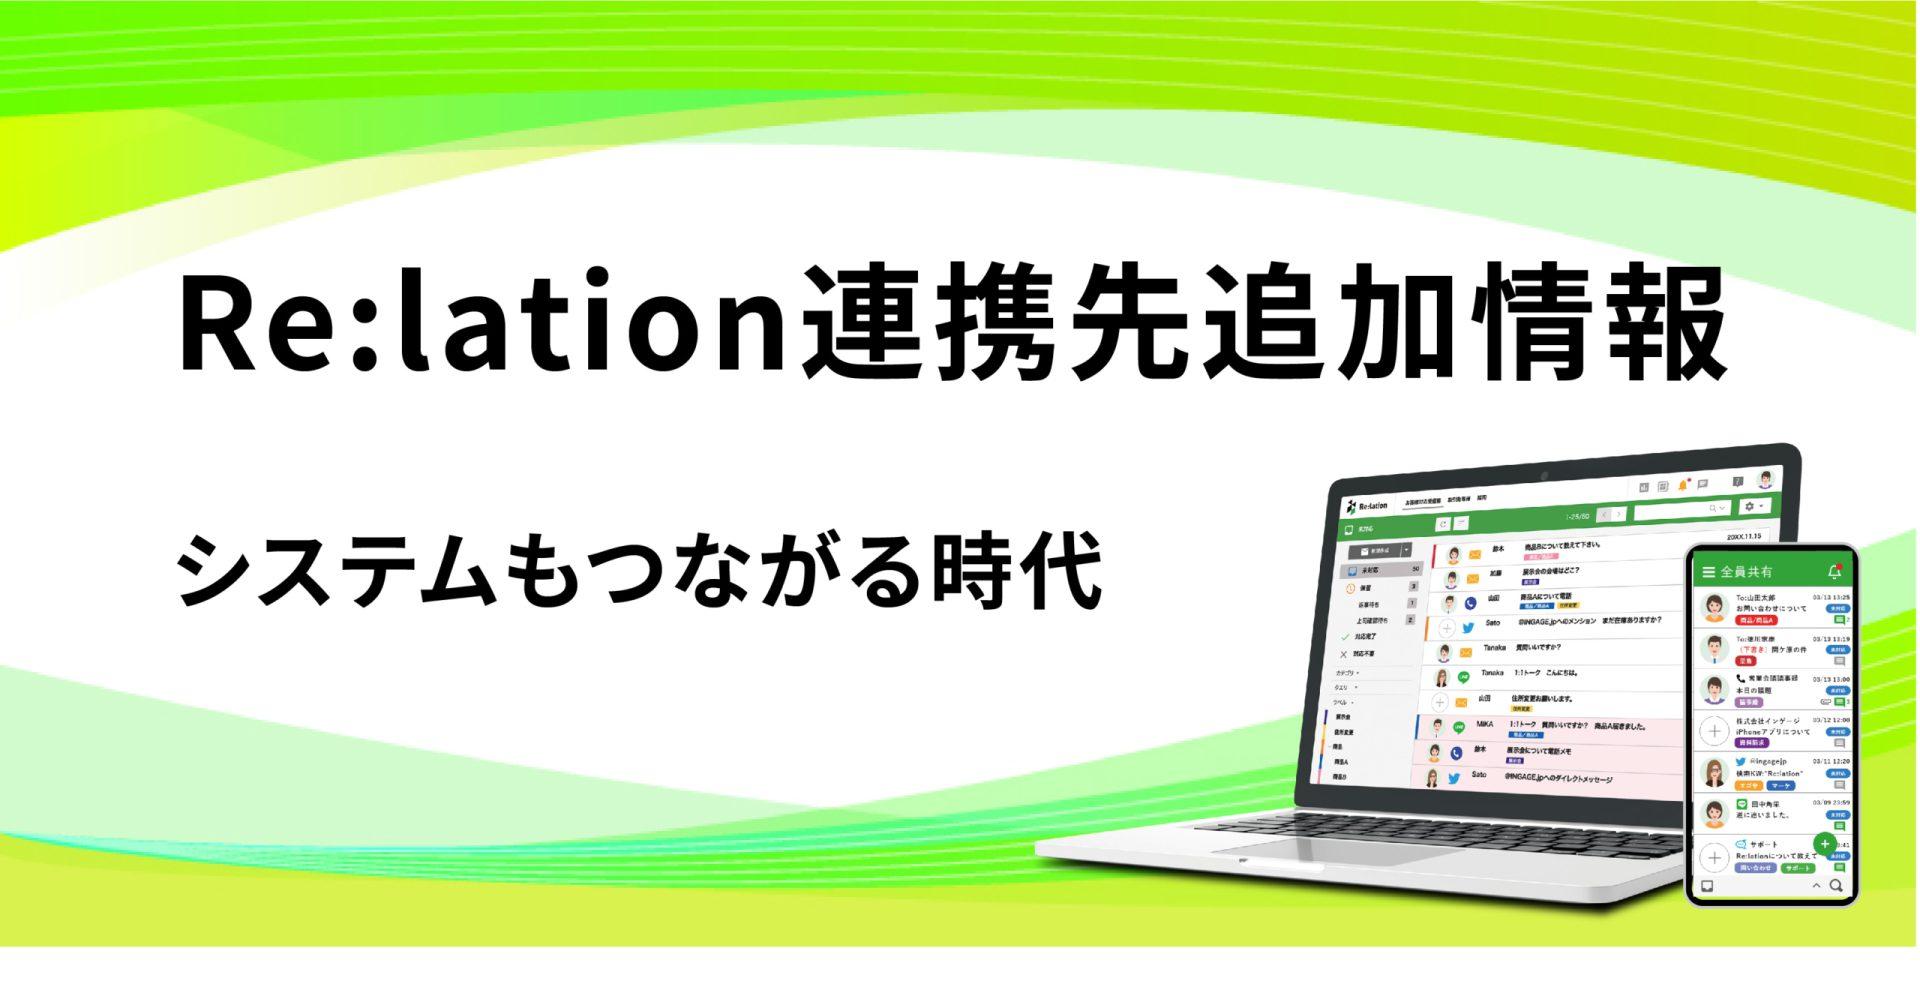 顧客対応ツール『Re:lation(リレーション)』が受注・在庫一元管理システム『アシスト店長』及び定期通販特化型カートシステム『楽楽リピート』と連携